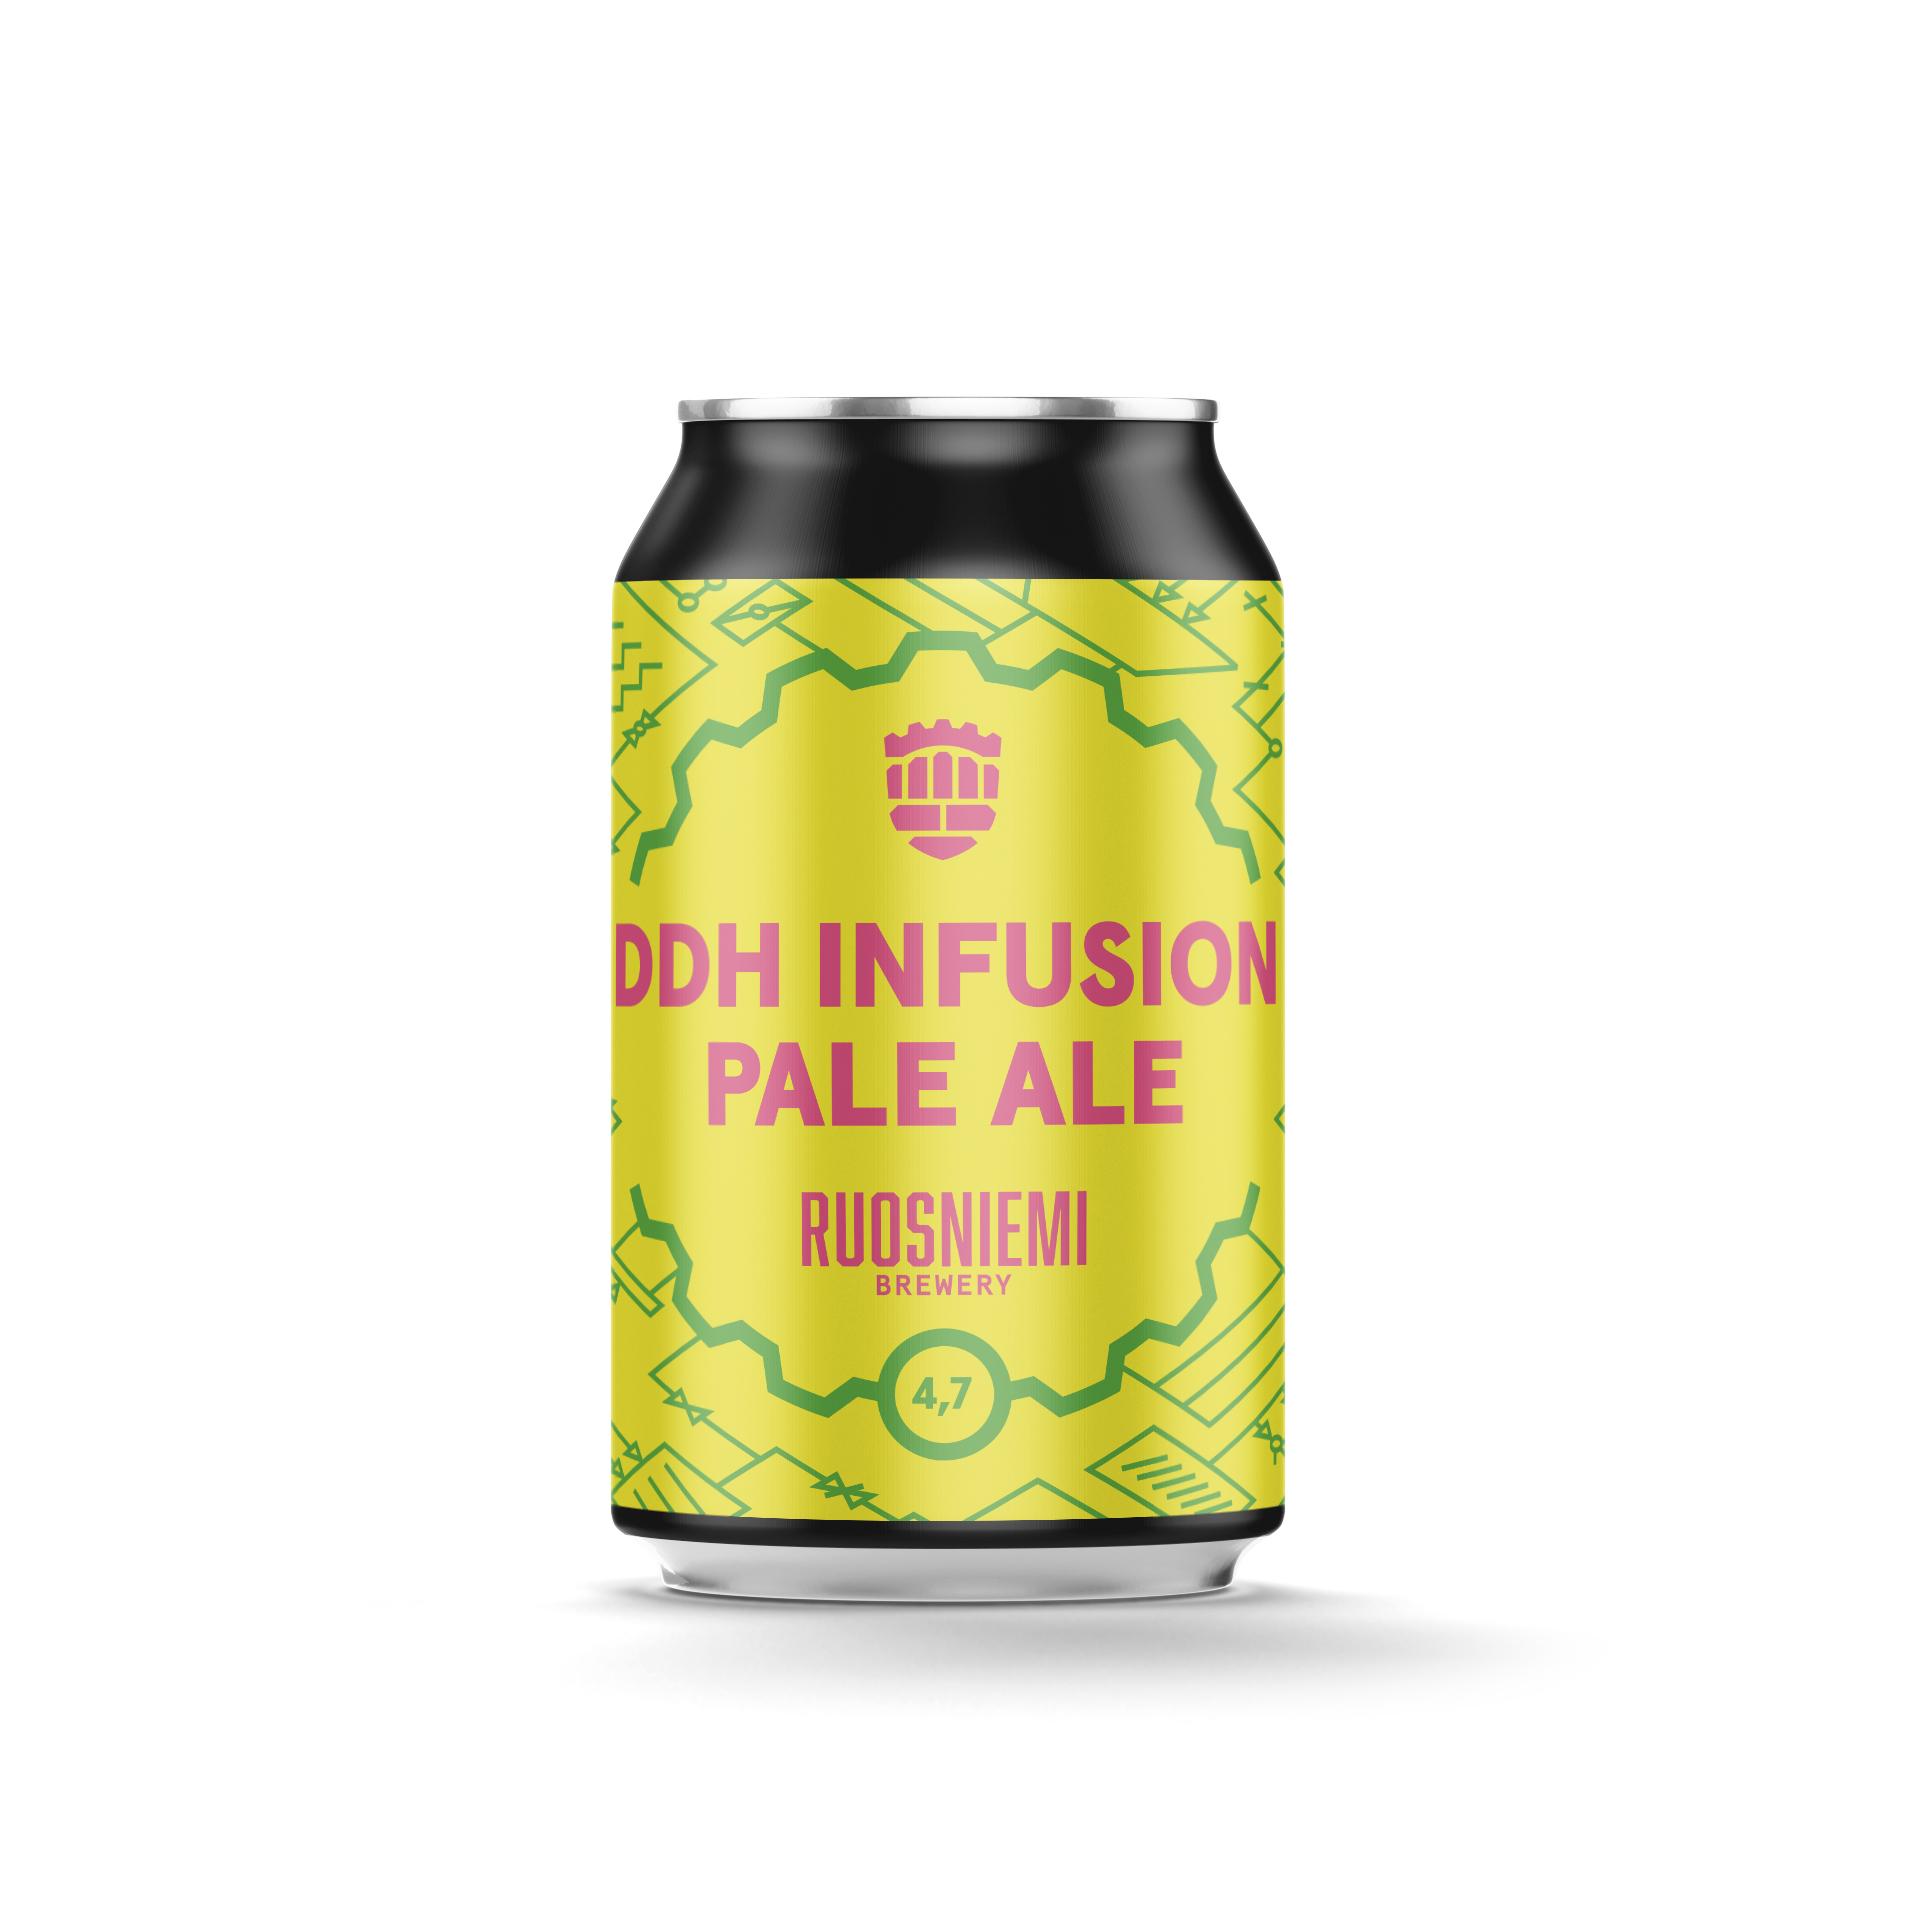 DDH Infusion Pale Ale 4,7% 0,33 l